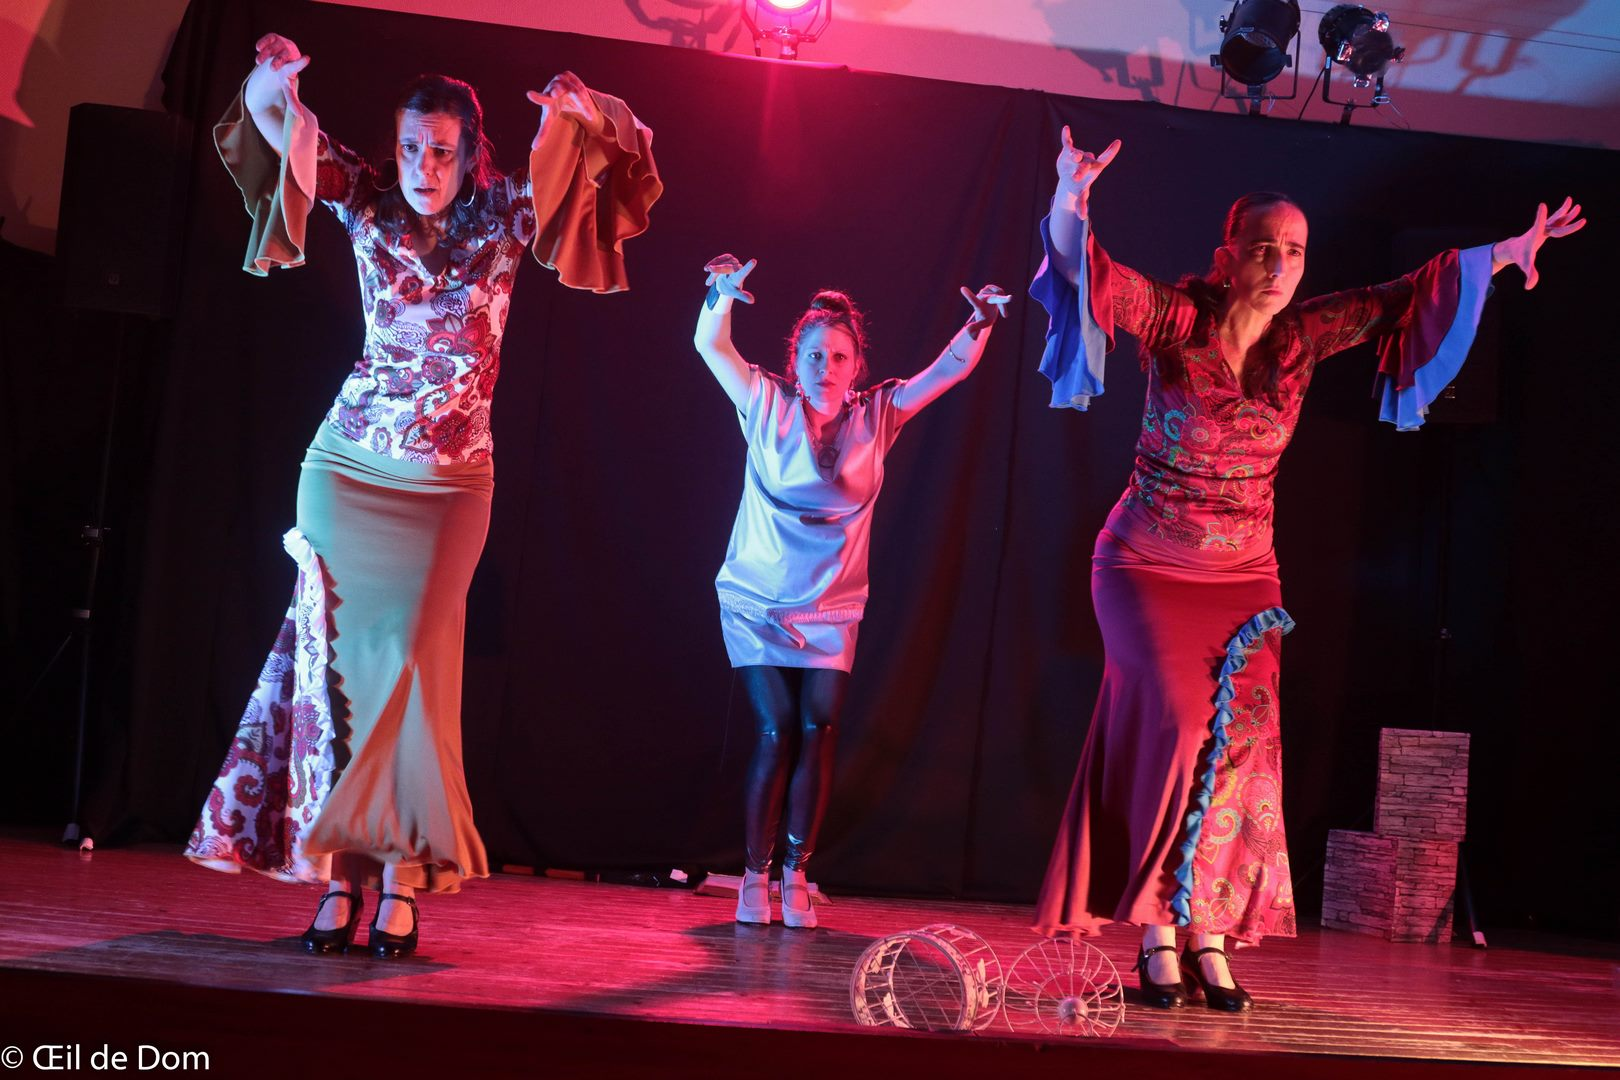 Duende flamenco l etincelle 19 photo d villy